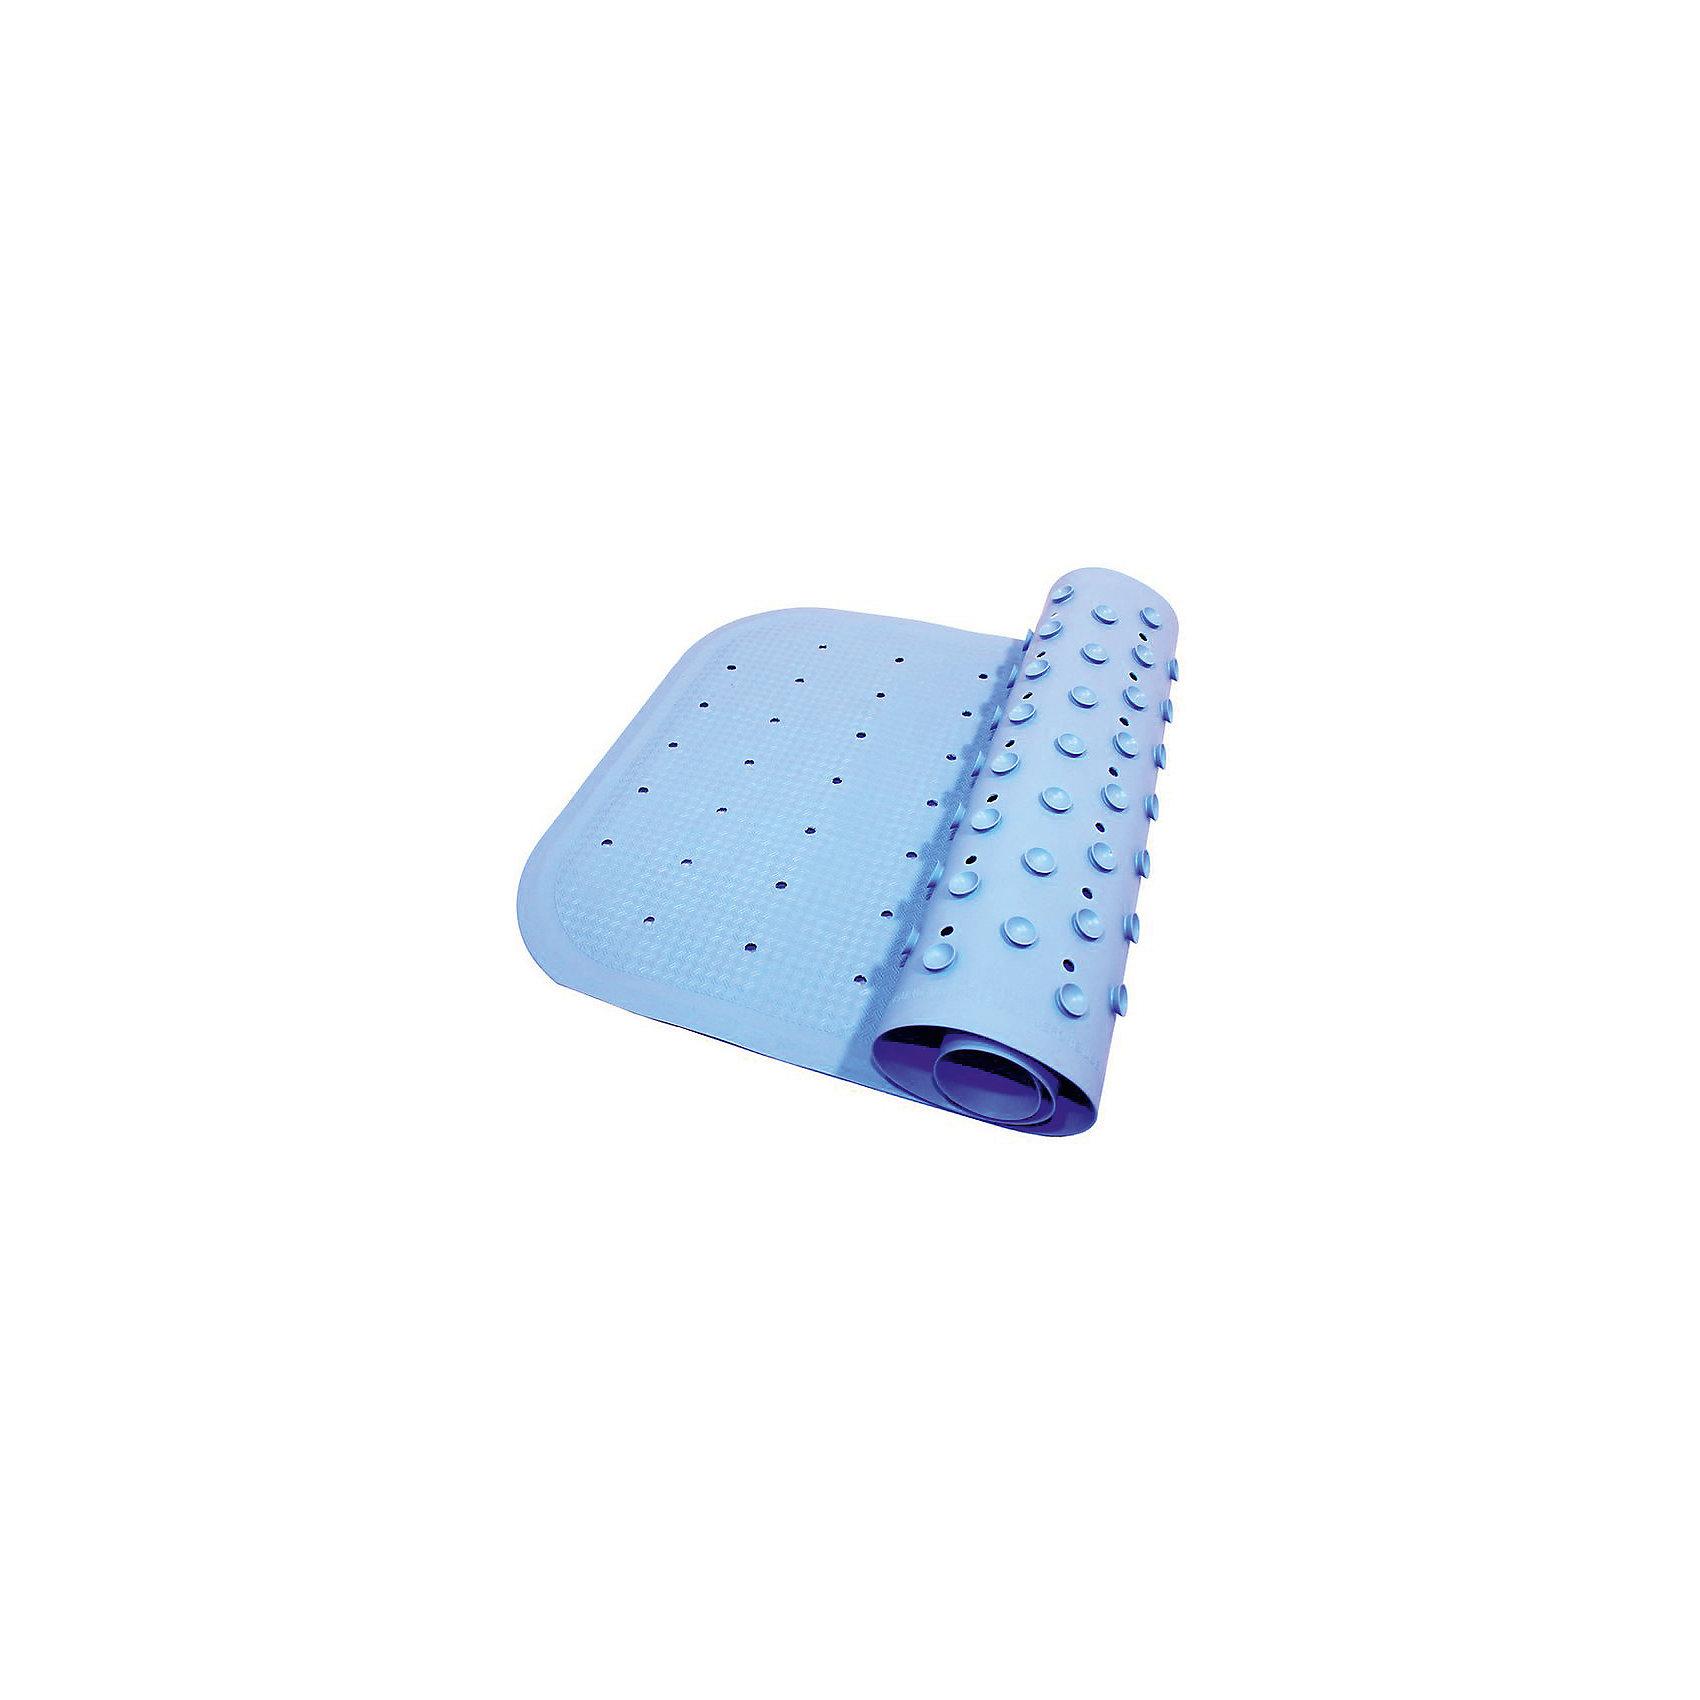 Roxy-Kids Антискользящий коврик для ванны 34,5х76 см, голубой детский ковшик roxy kids с силиконовой ручкой 0 7л голубой